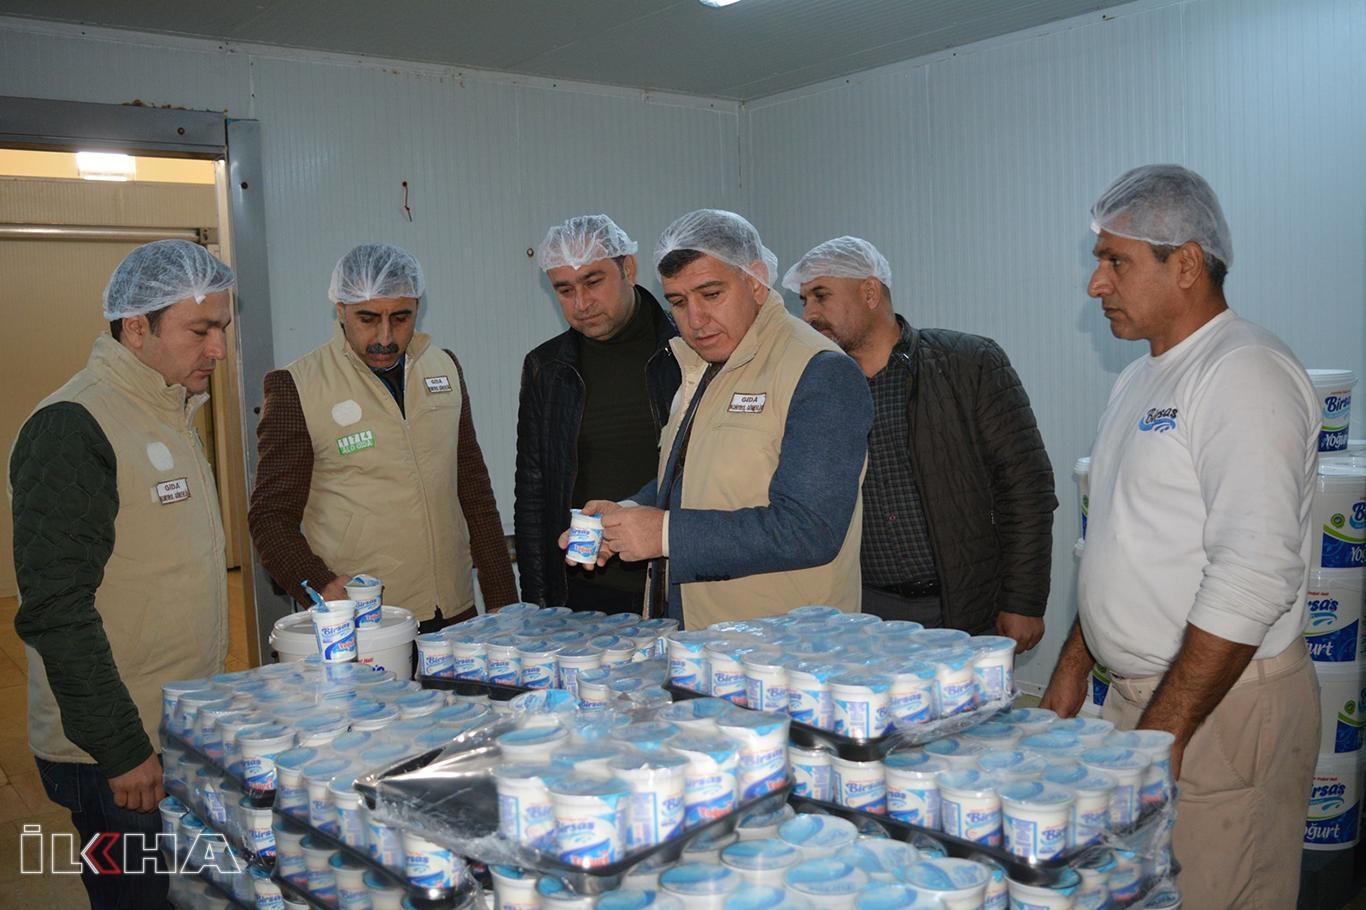 Ürün bazlı gıda denetimleri artırılıyor.